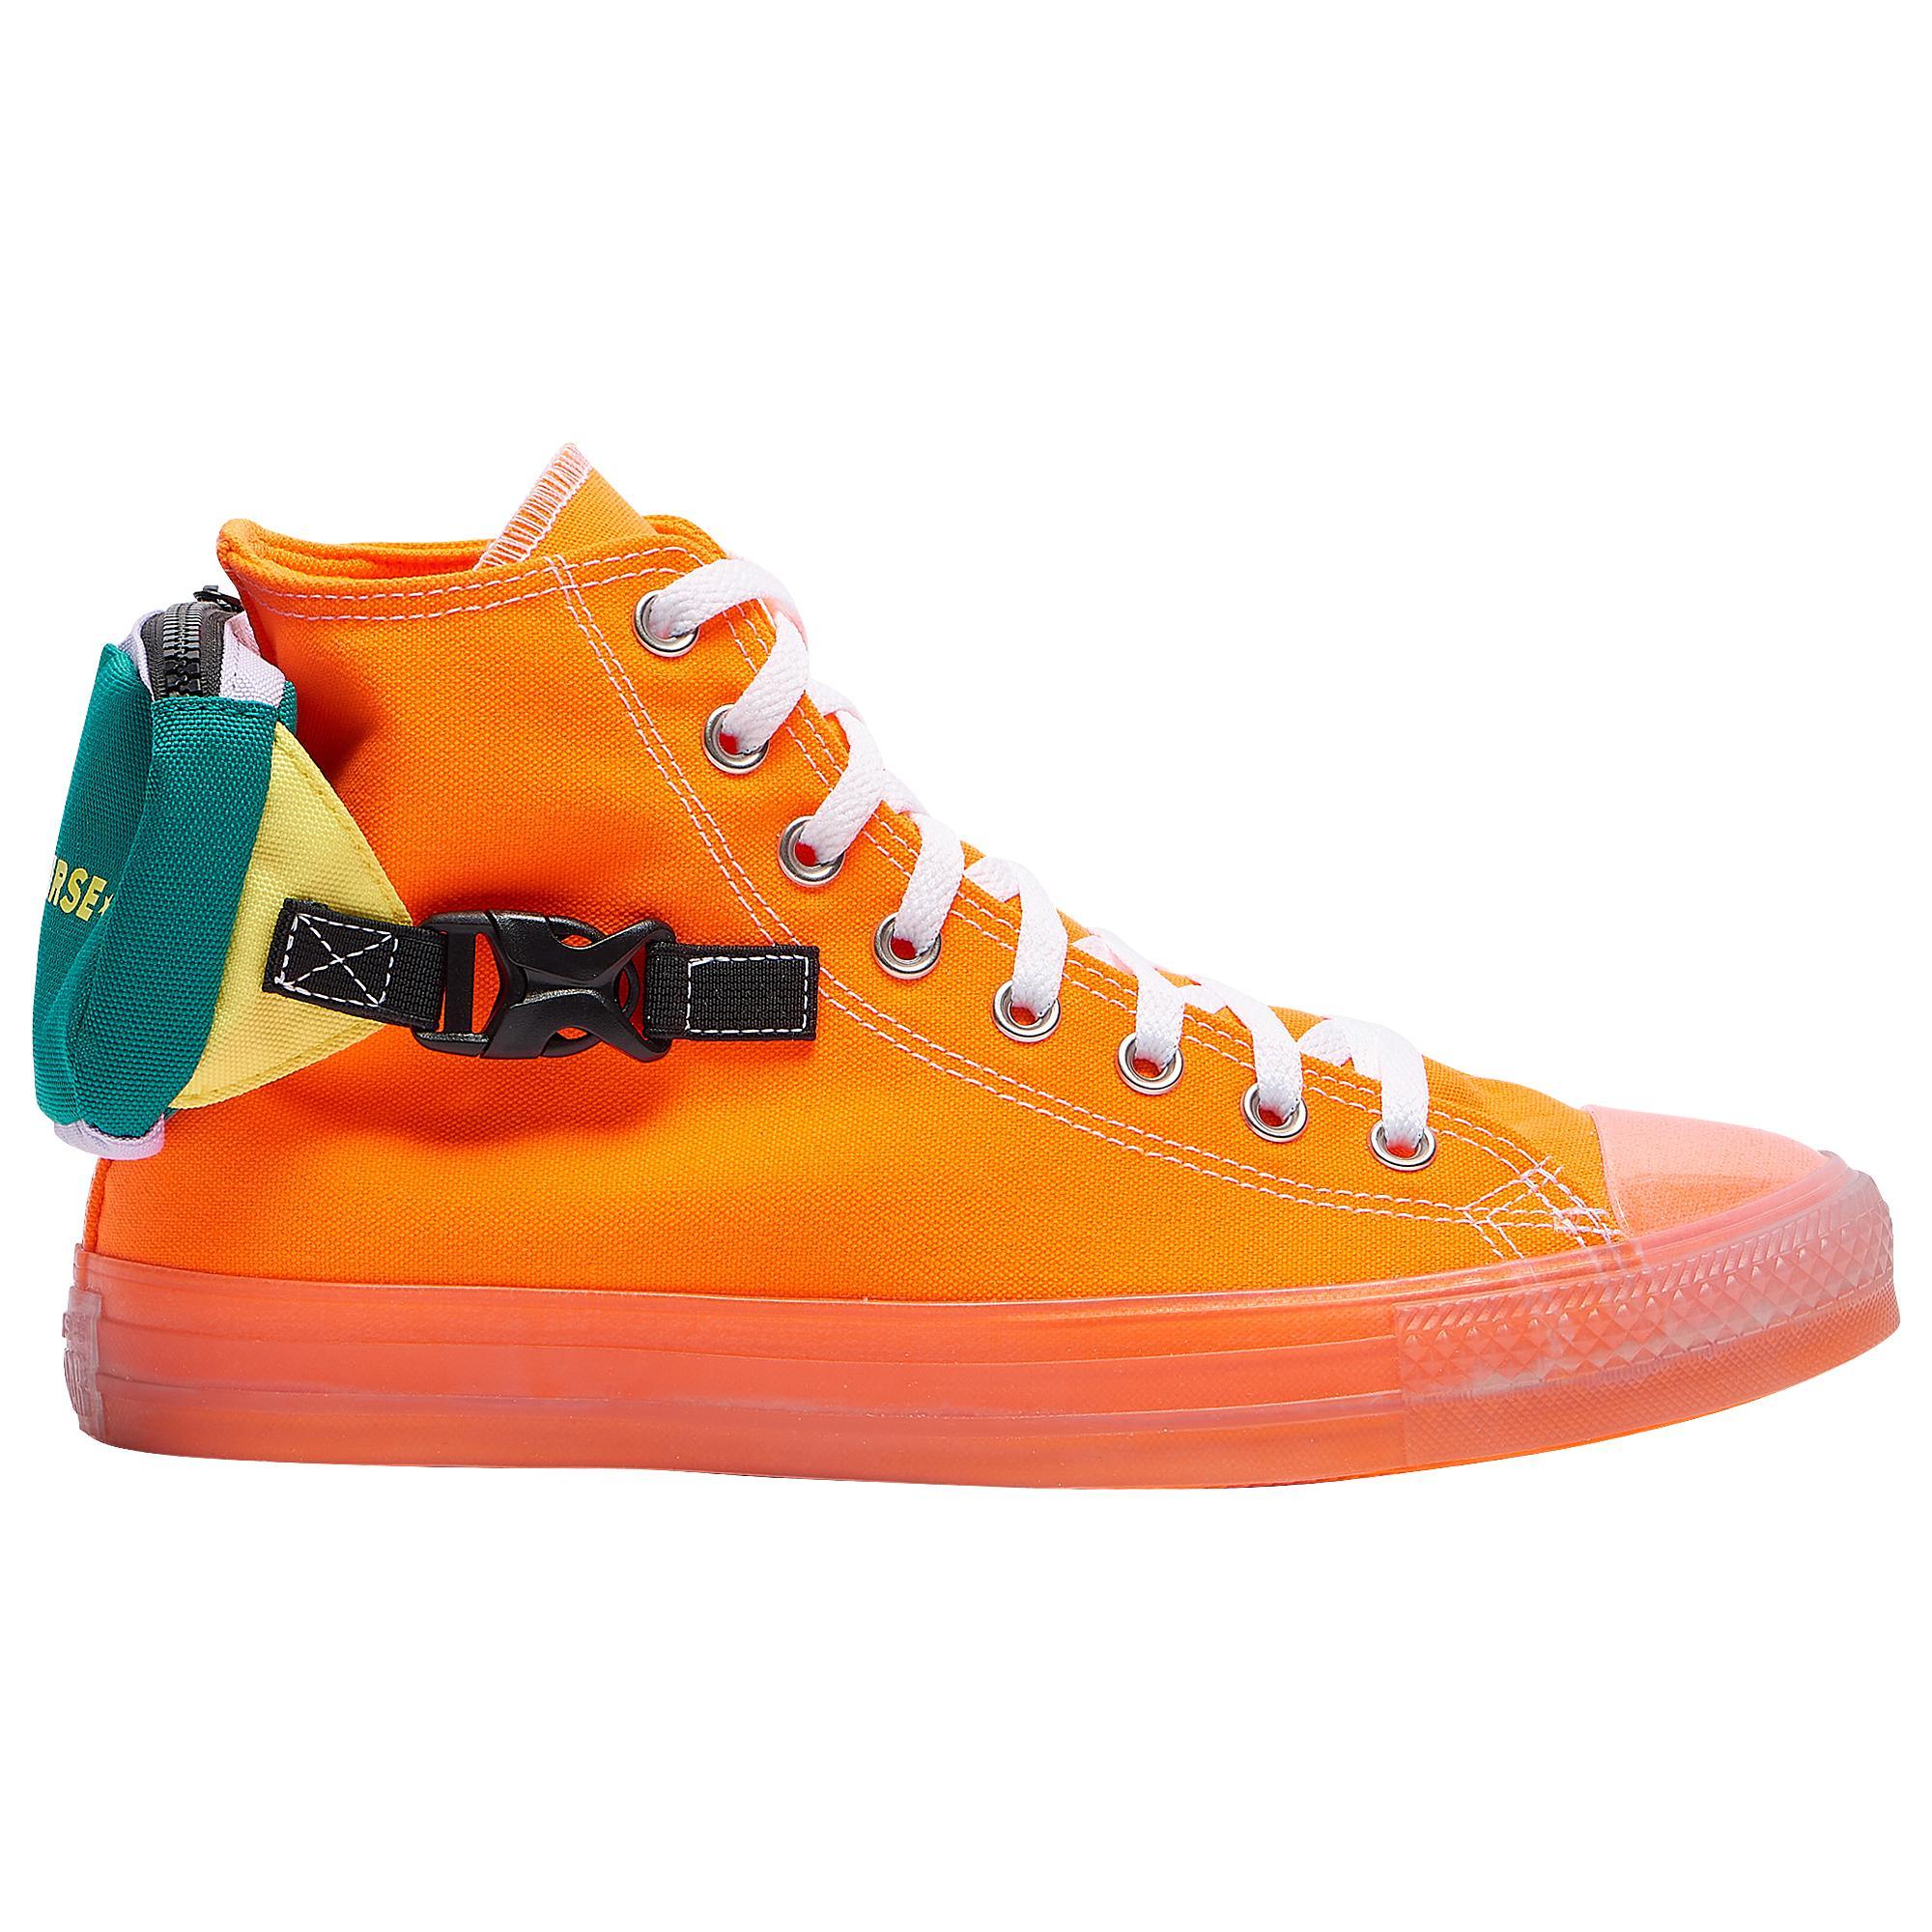 Converse Canvas Ctas Buckle Up Hi - Shoes in Orange/Silver (Orange ...